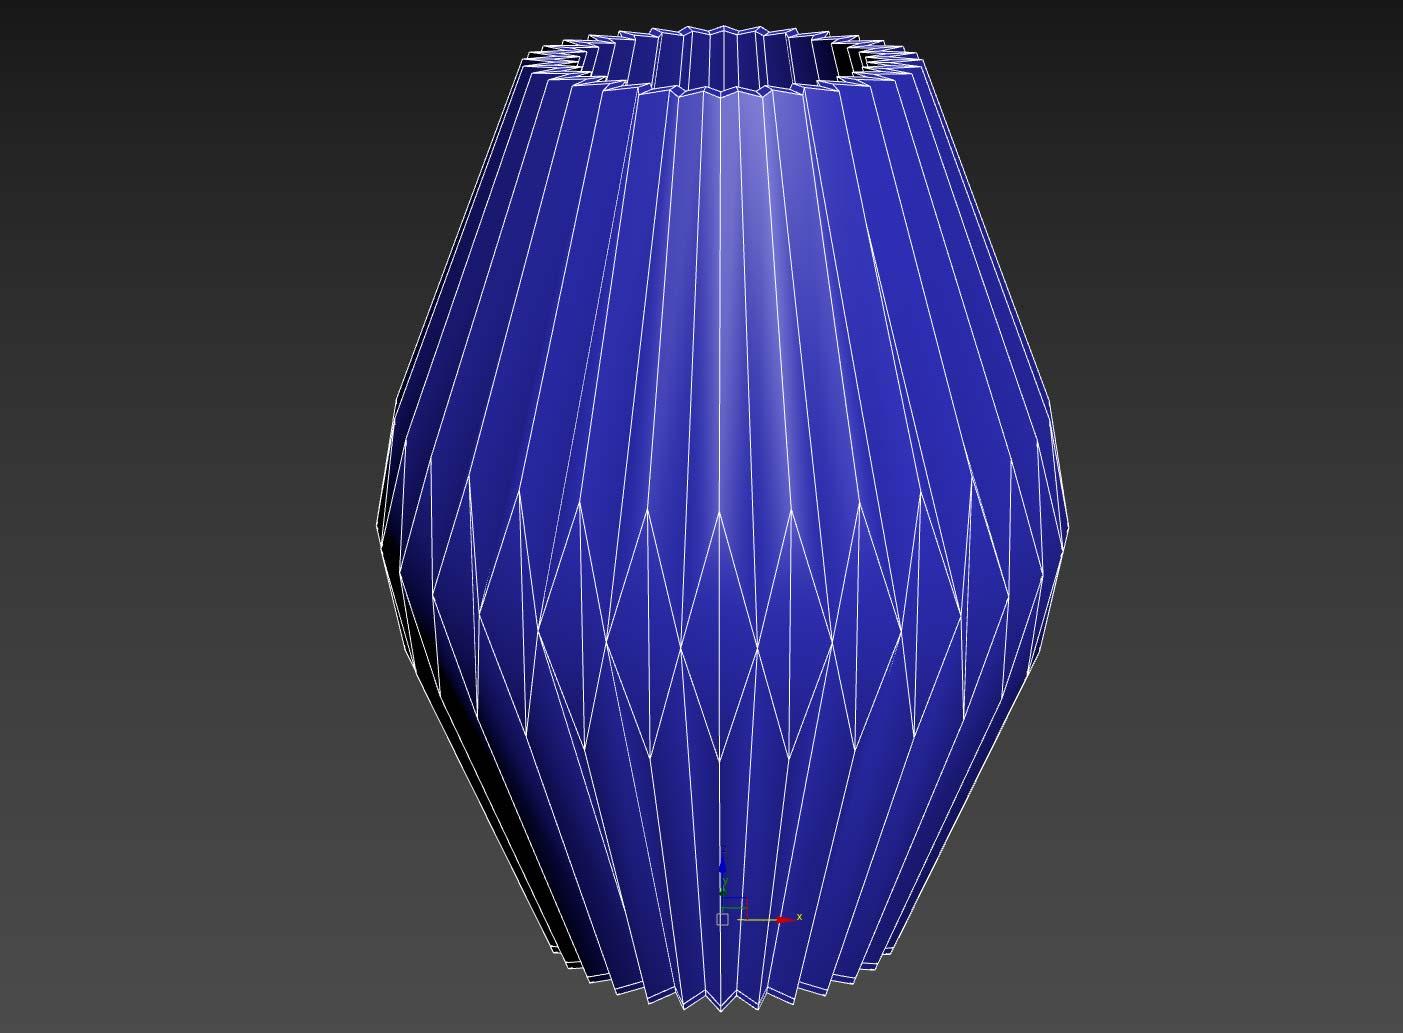 Vase_001.jpg